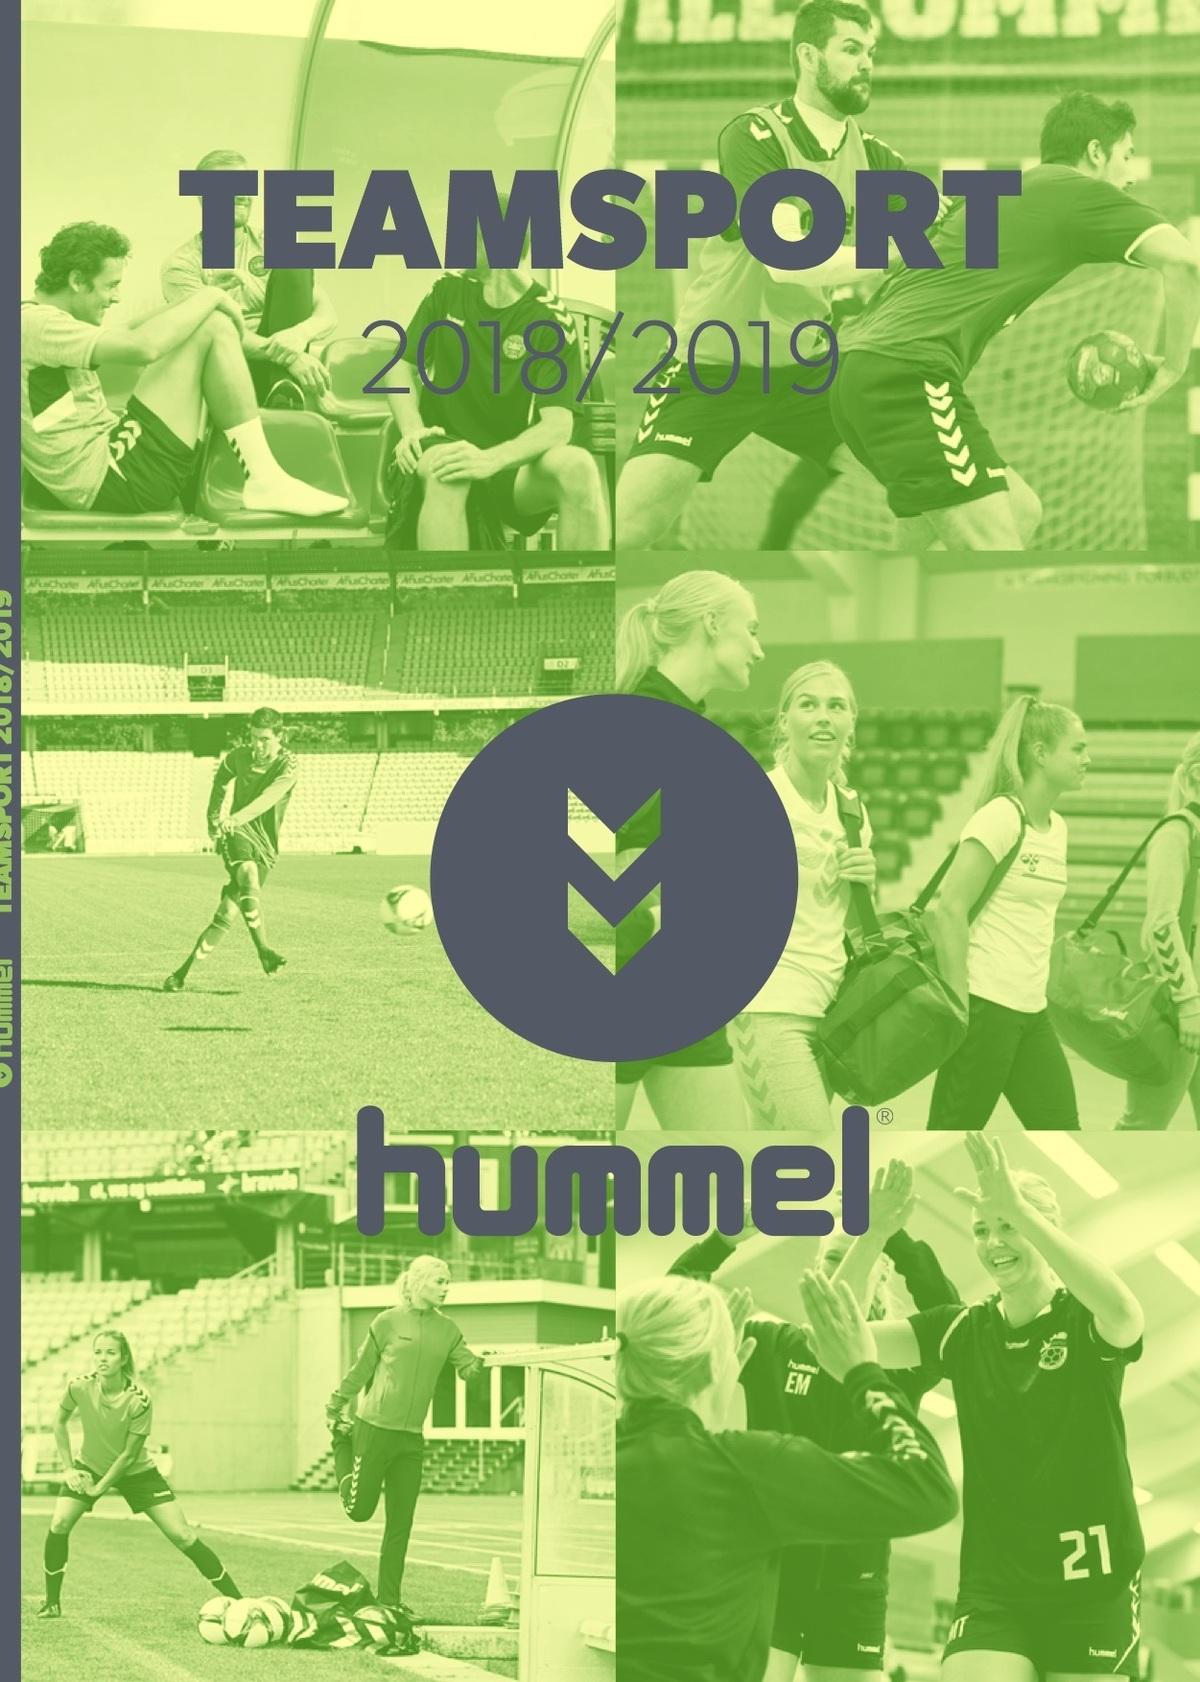 Image_hummel_-_pre_sentation--0-0--d7089242-41d3-4620-ae78-e730d40d318f